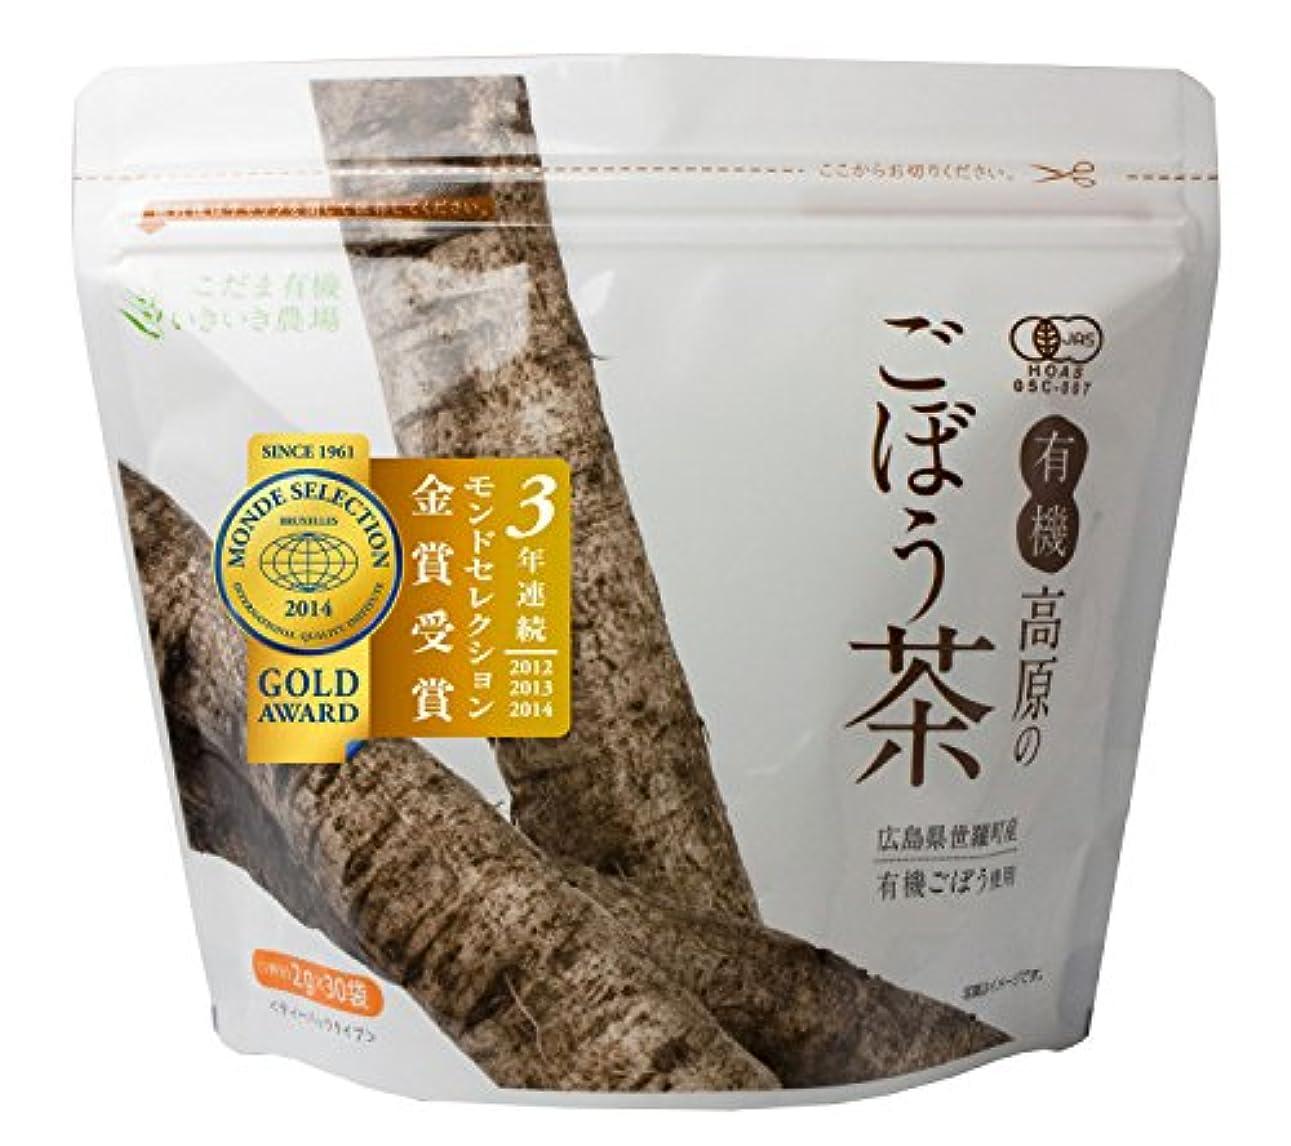 ブル贅沢な許容できるこだま食品 有機高原のごぼう茶 2g×30袋 311037001